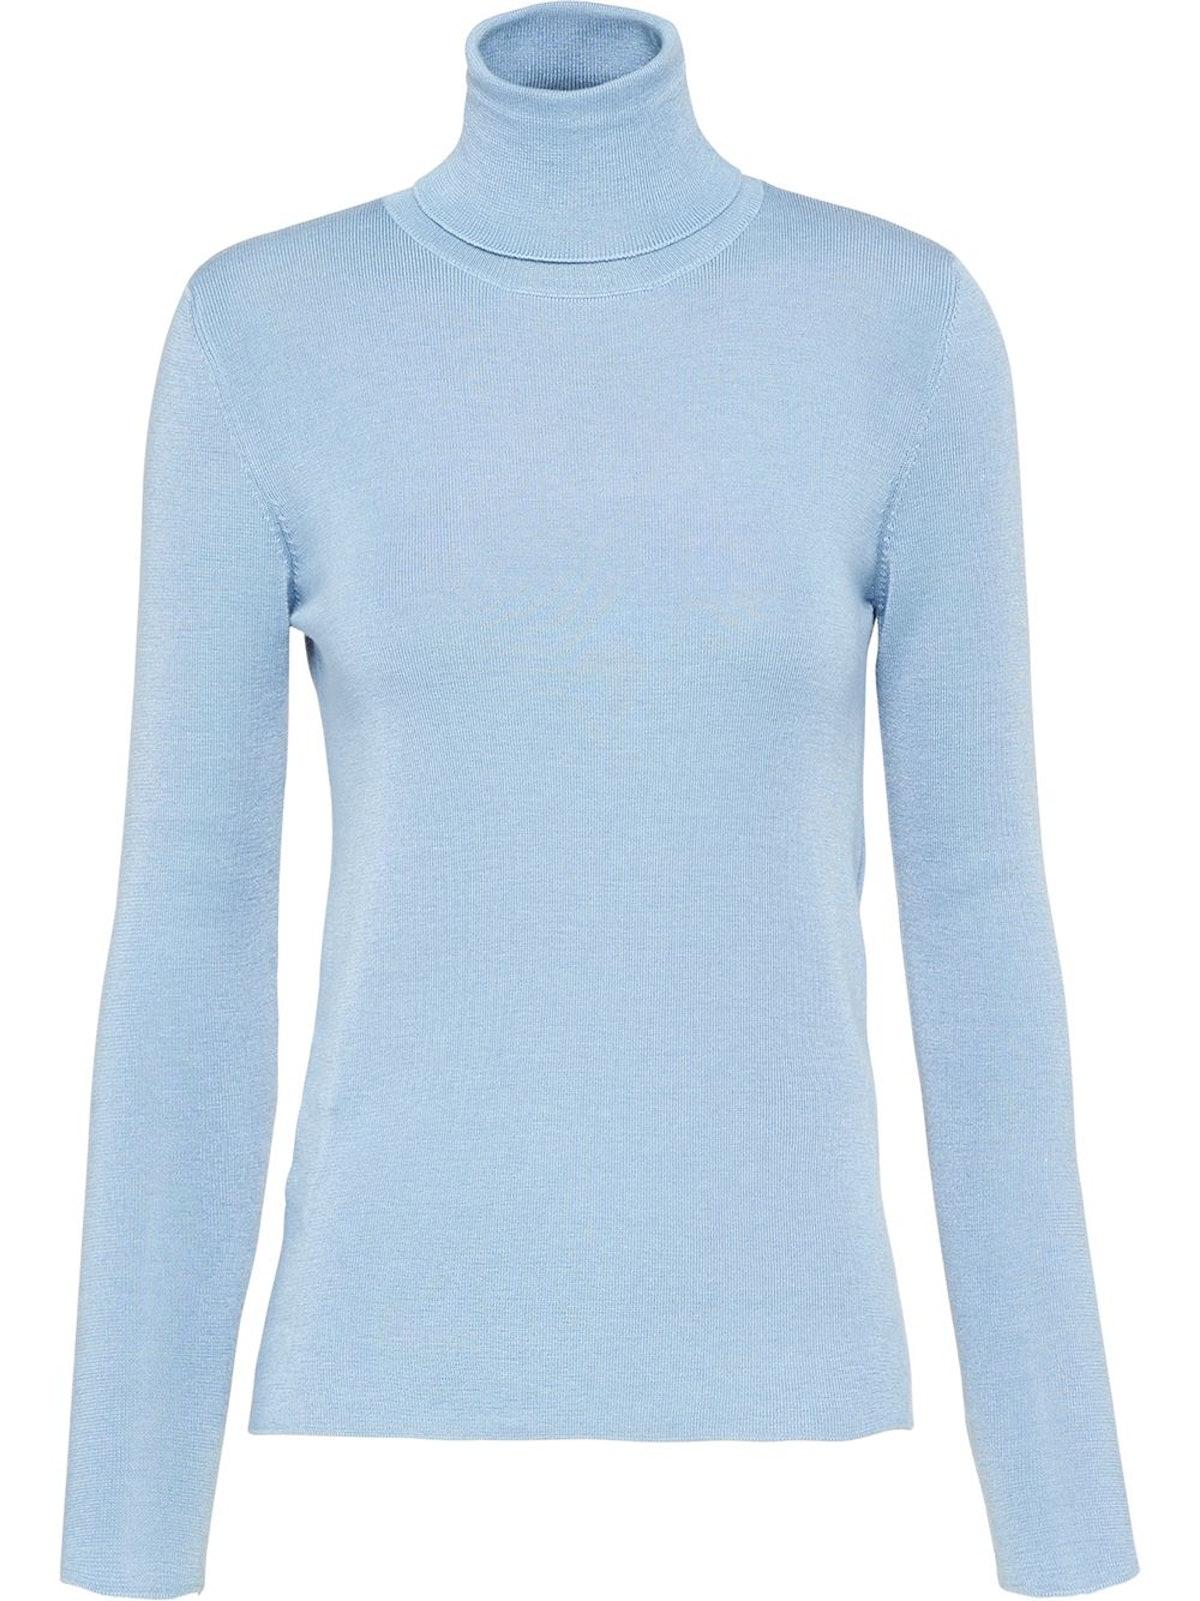 Blue Turtleneck Knitted Jumper